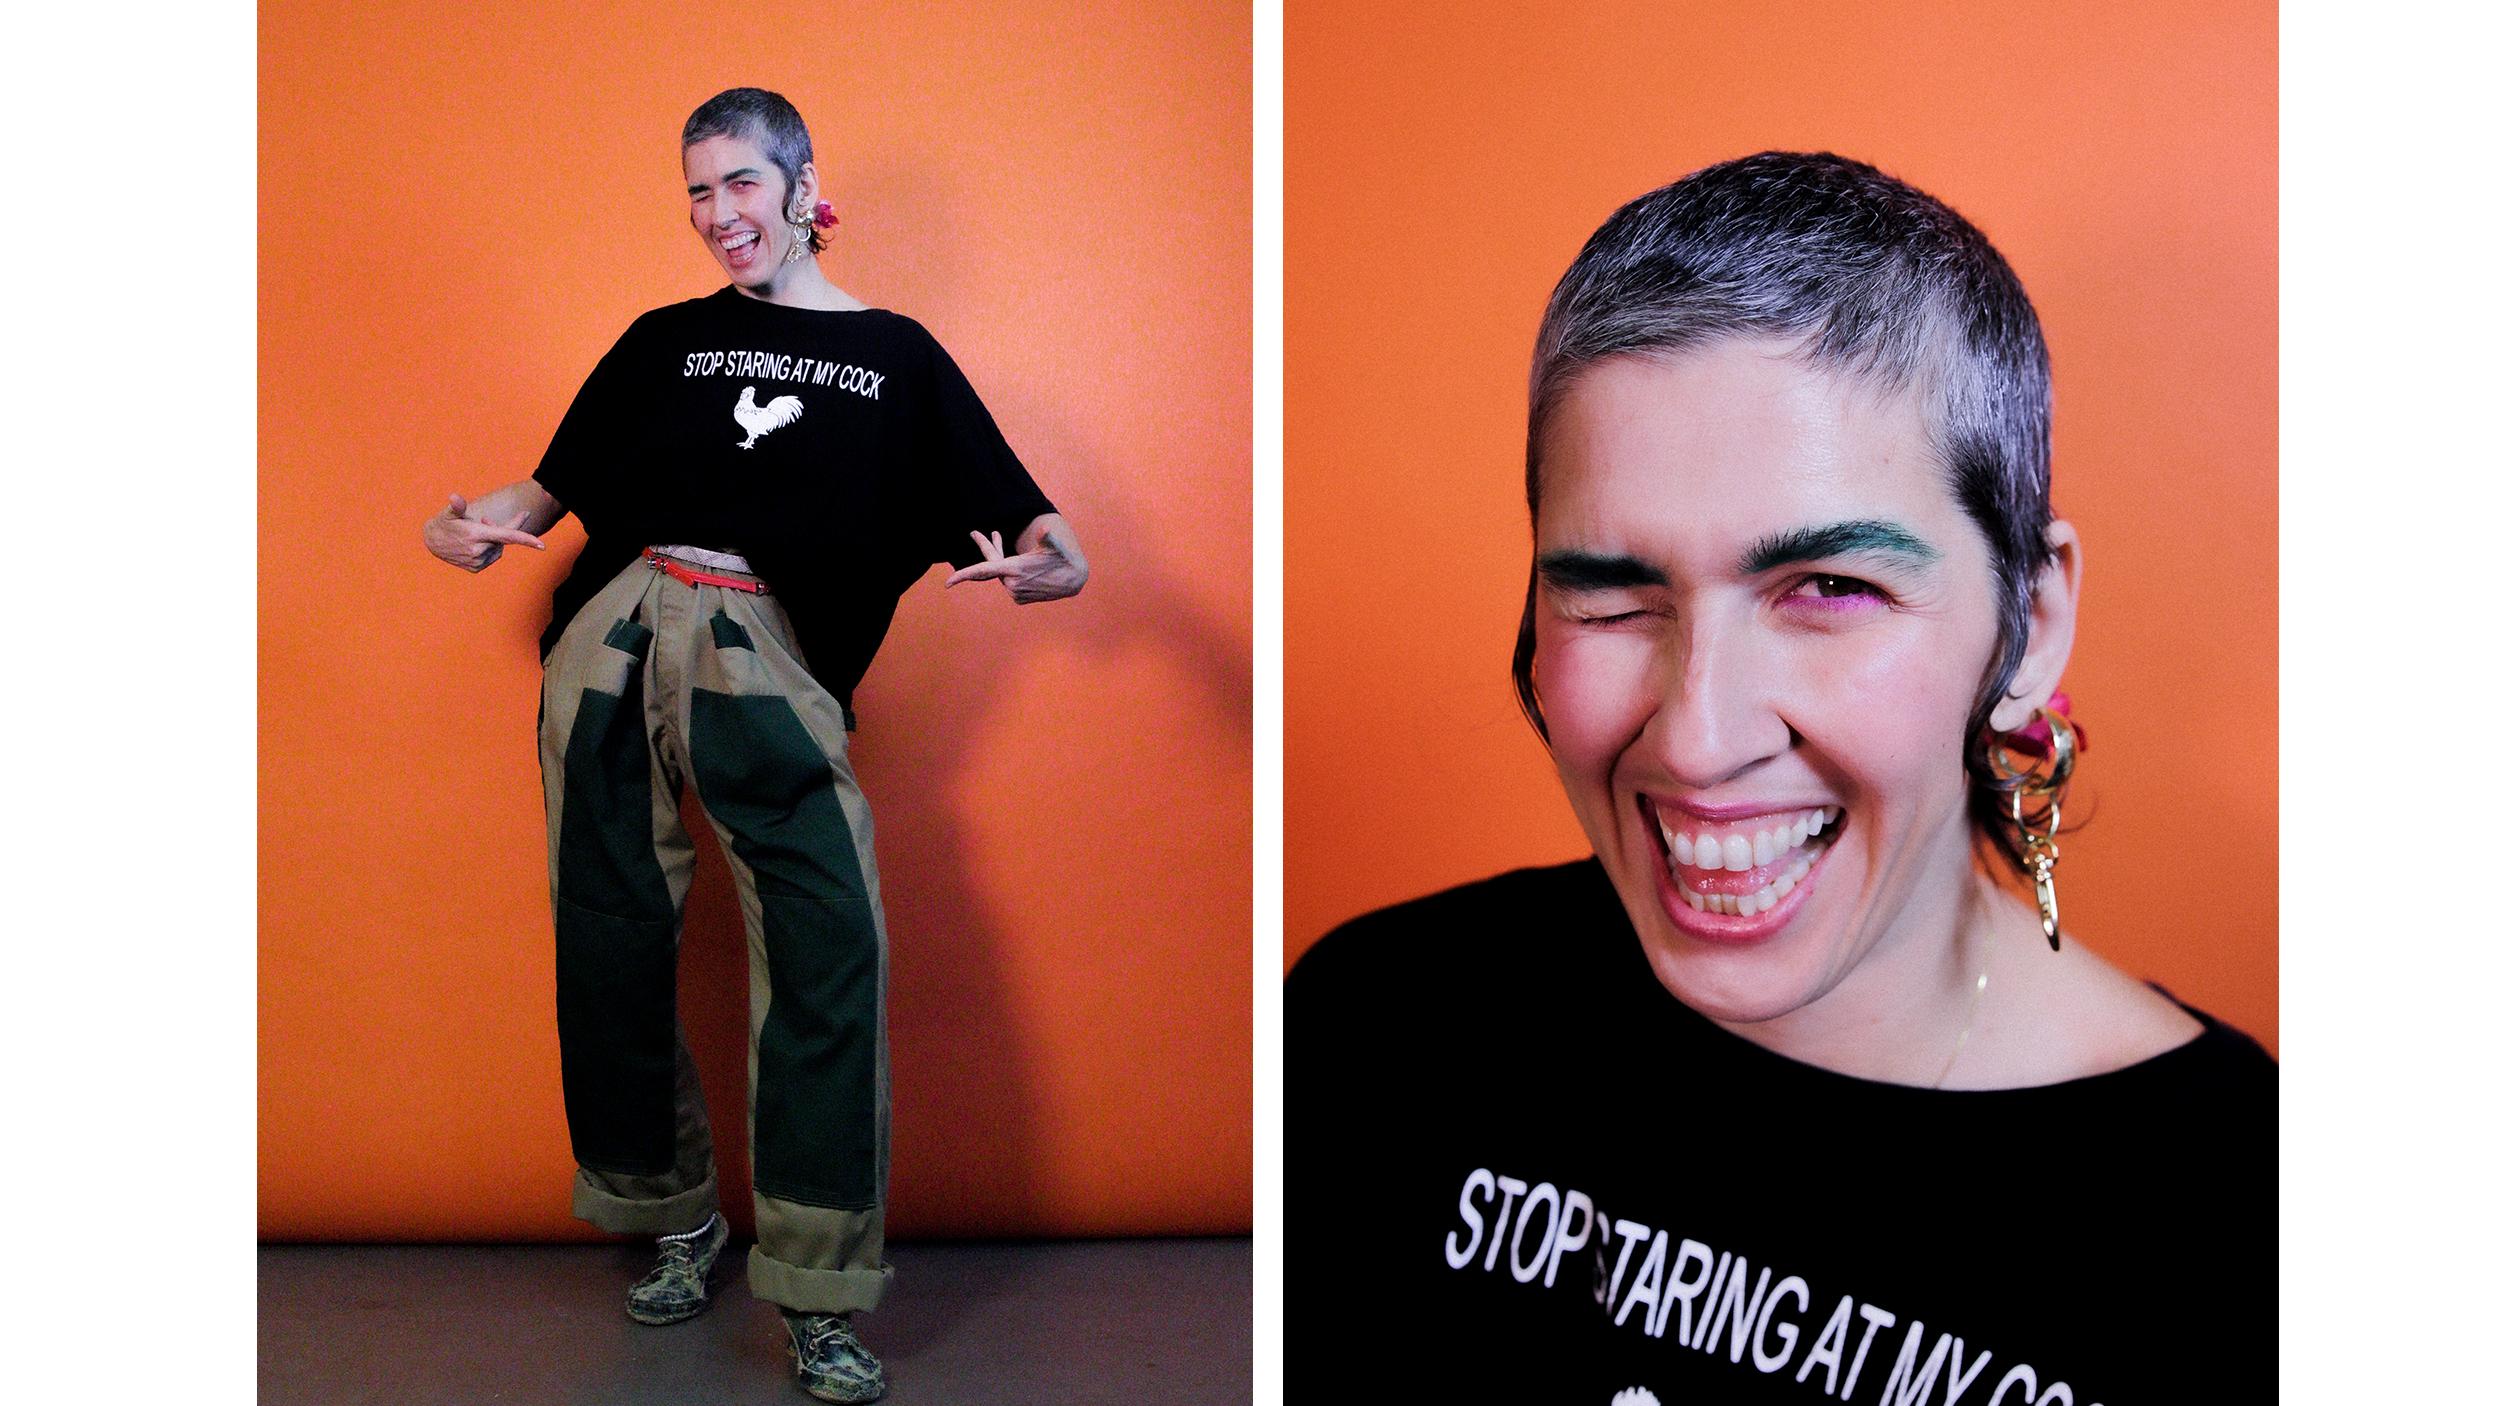 Eine Person in einem schwarzen T-Short vor einer orangefarbenen Wand